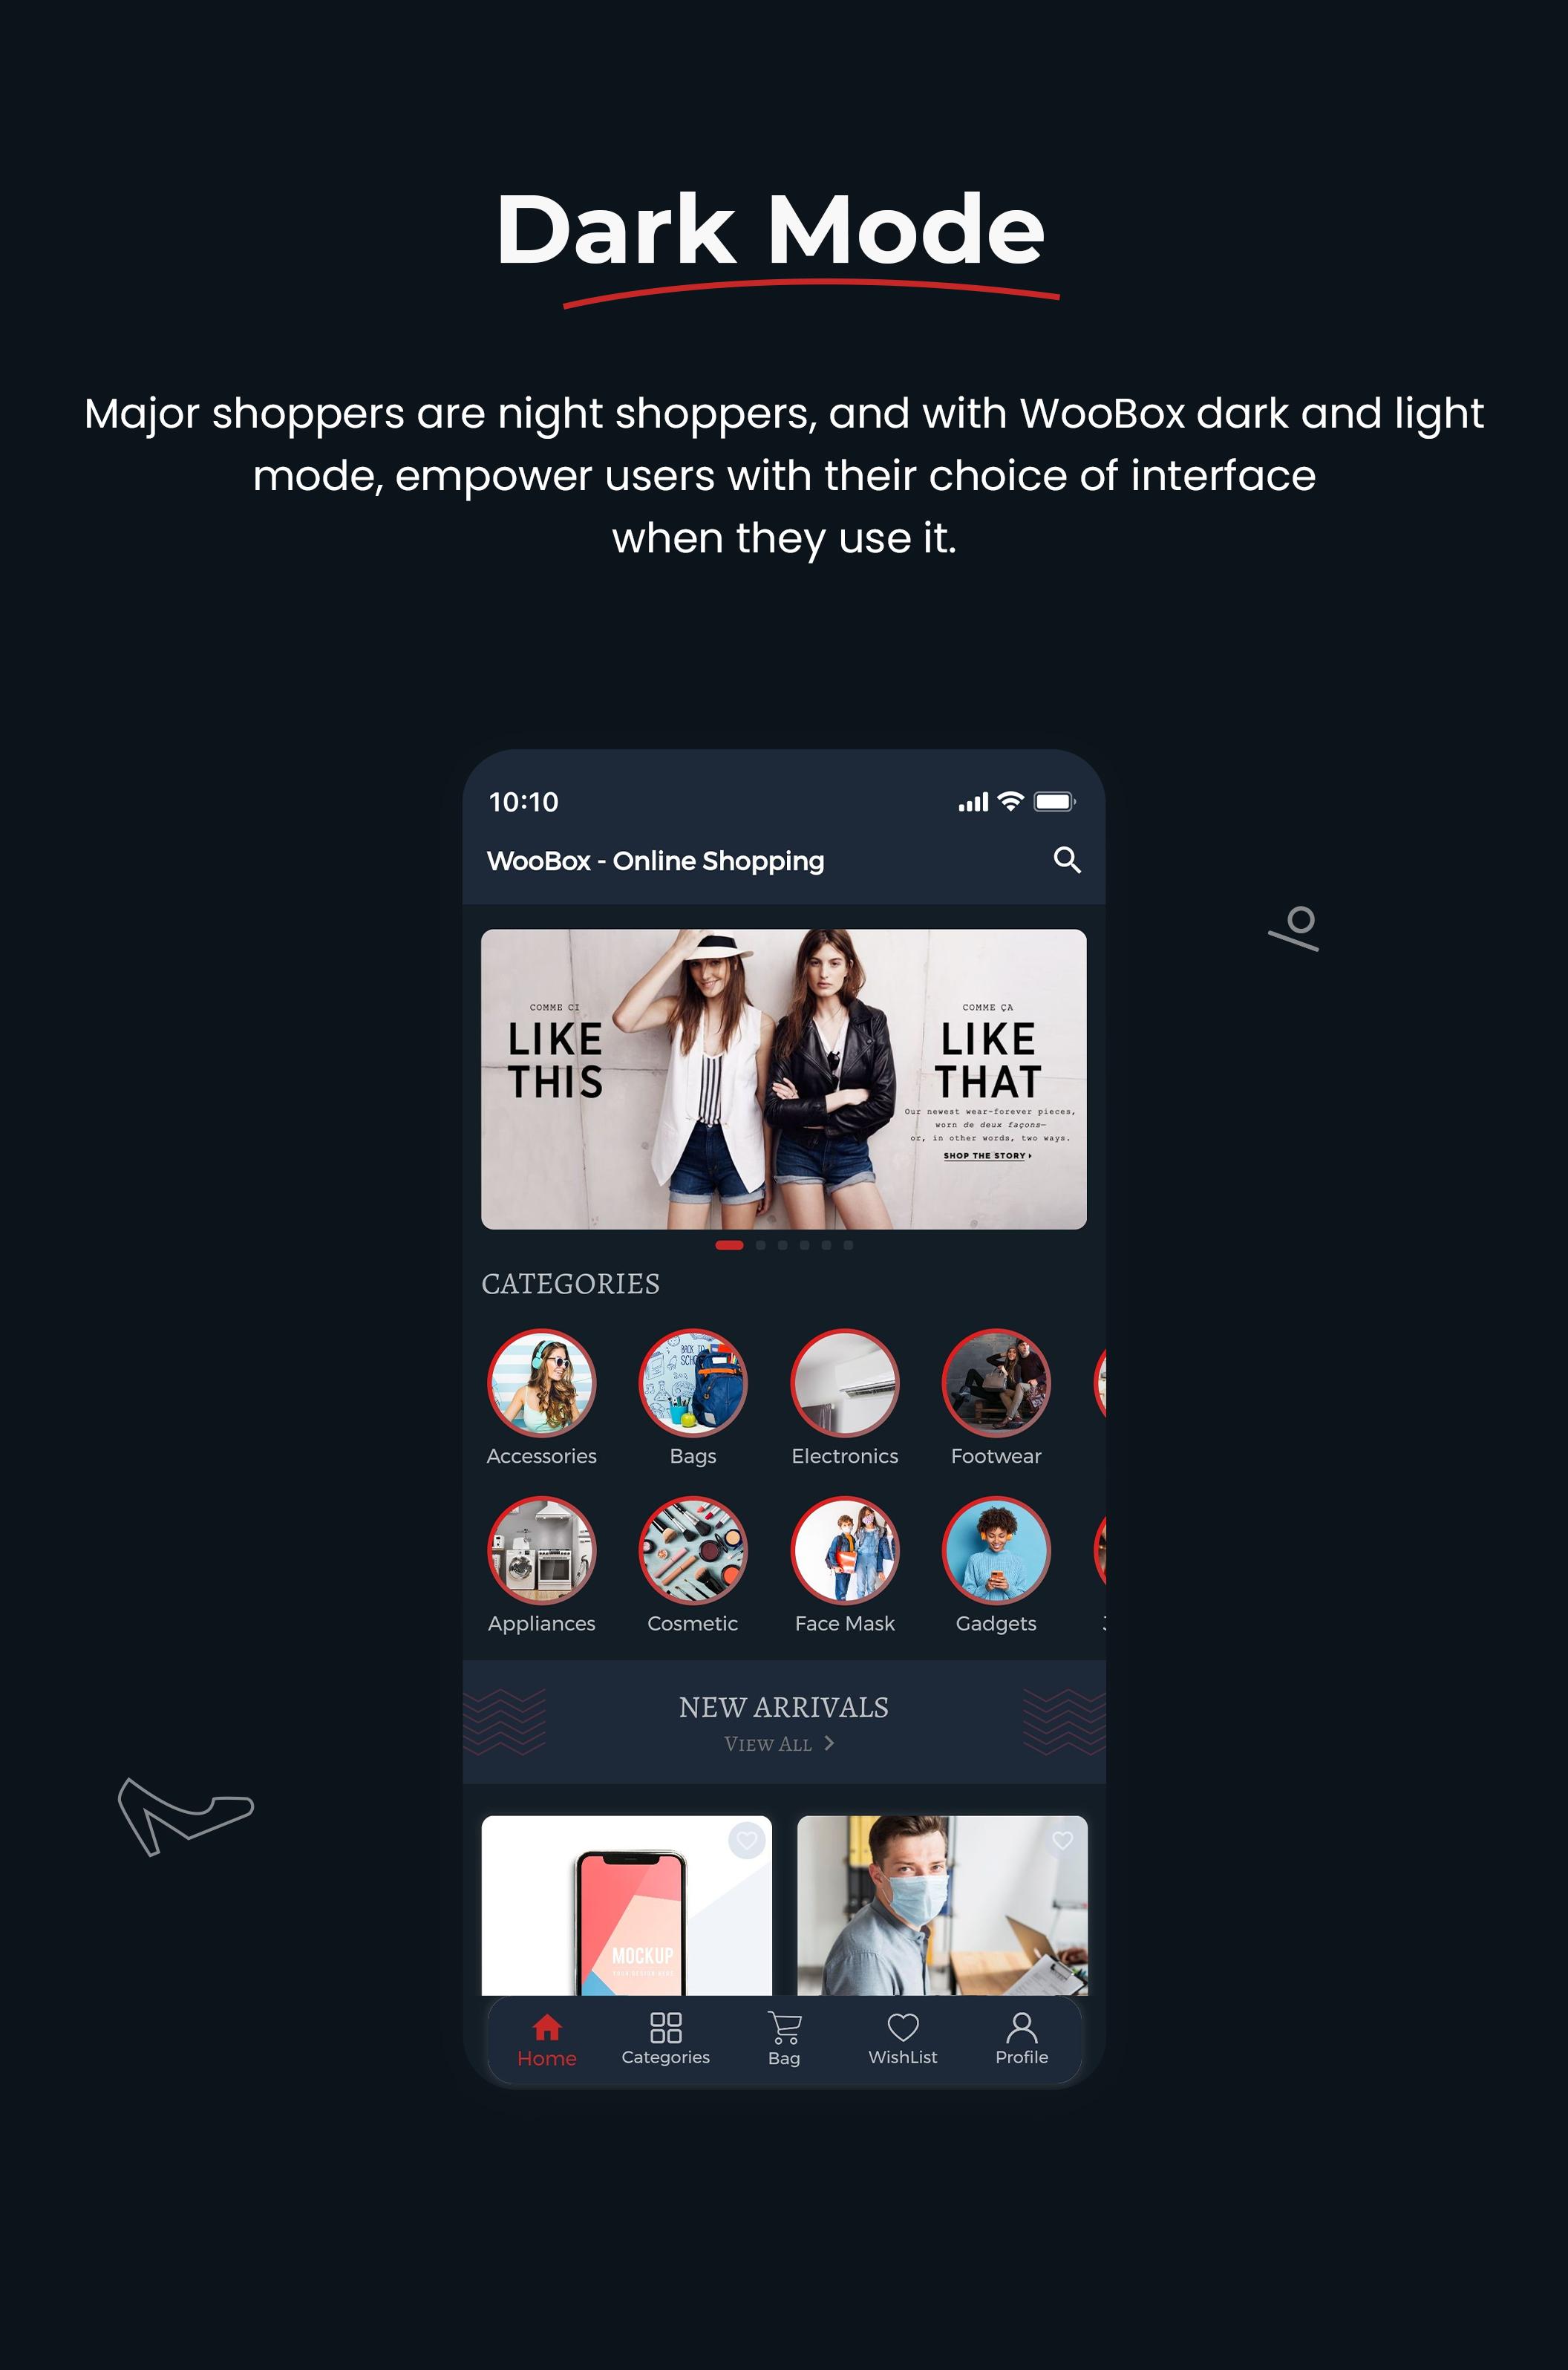 1 woocommerce flutter 2.0 e-commerce full mobile app All New WooBox 2.0 11 Dark mode support